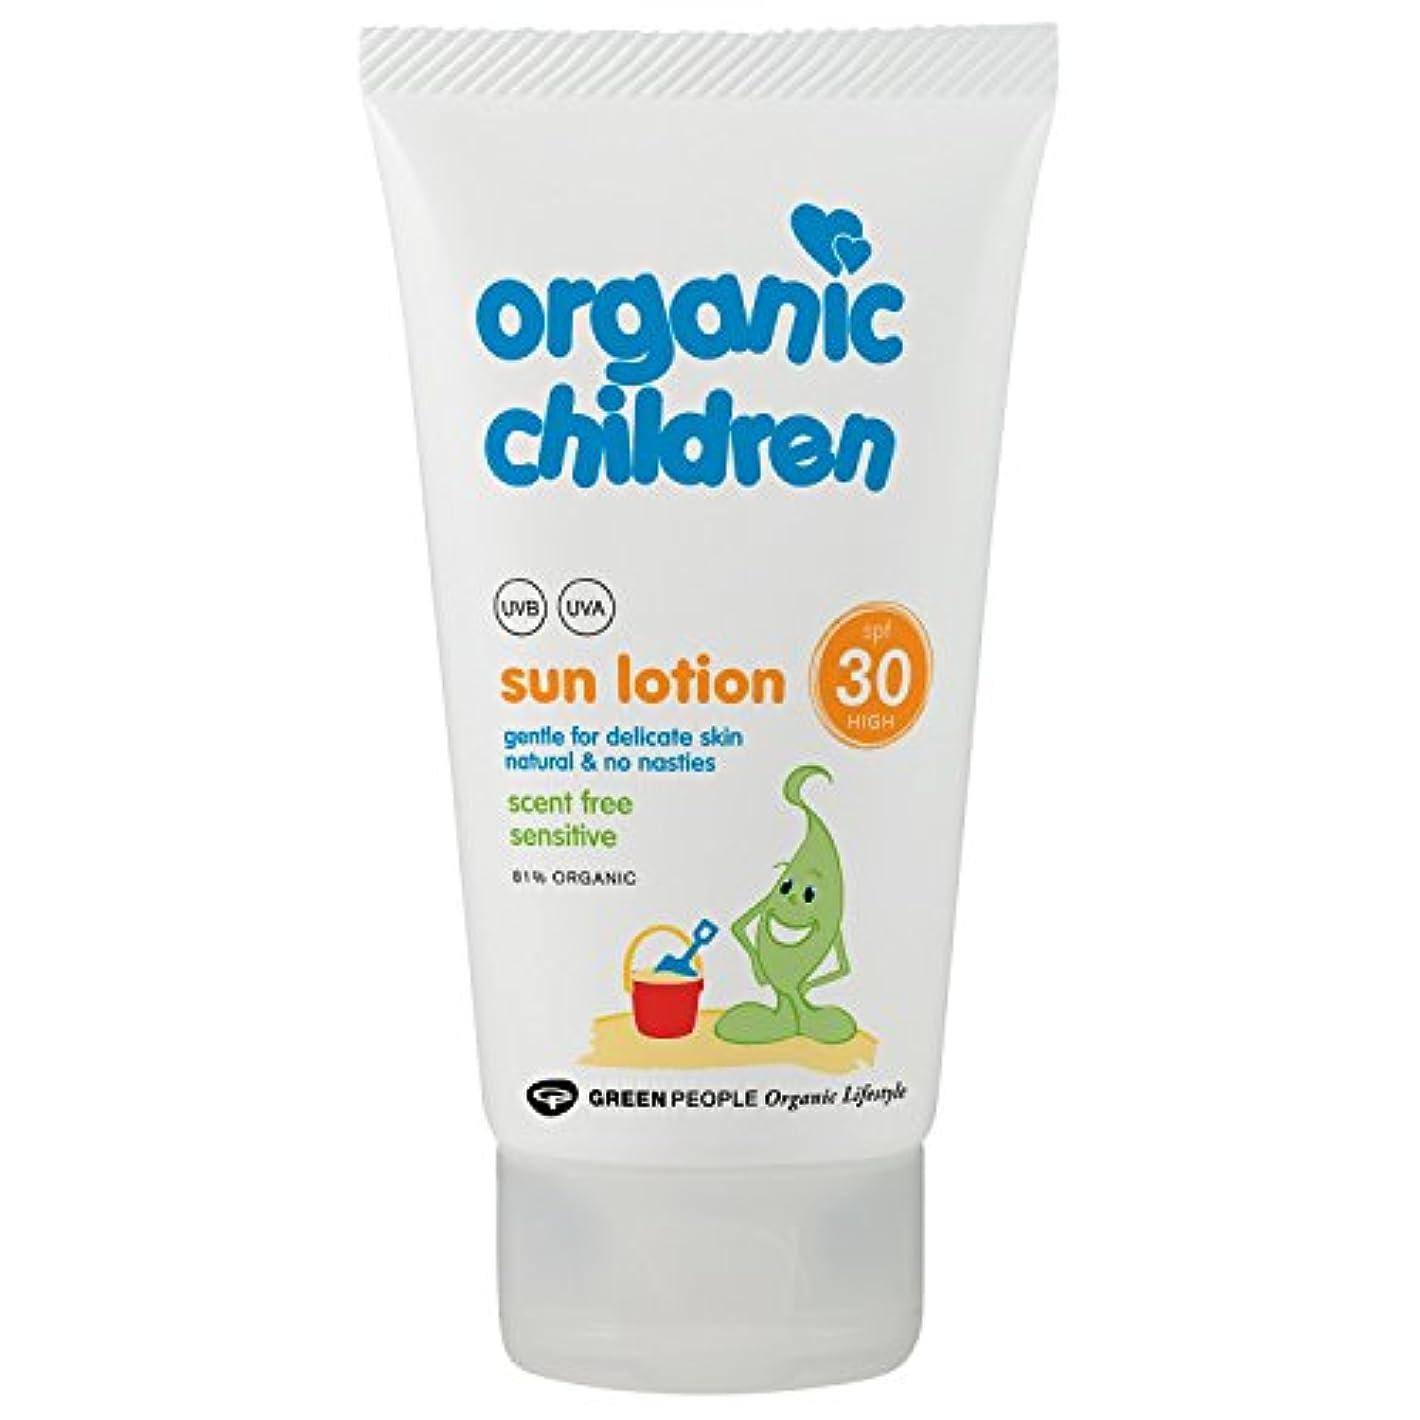 軍立ち向かう創始者有機子どもたちは30日のローション150グラムを x2 - Organic Children SPF 30 Sun Lotion 150g (Pack of 2) [並行輸入品]